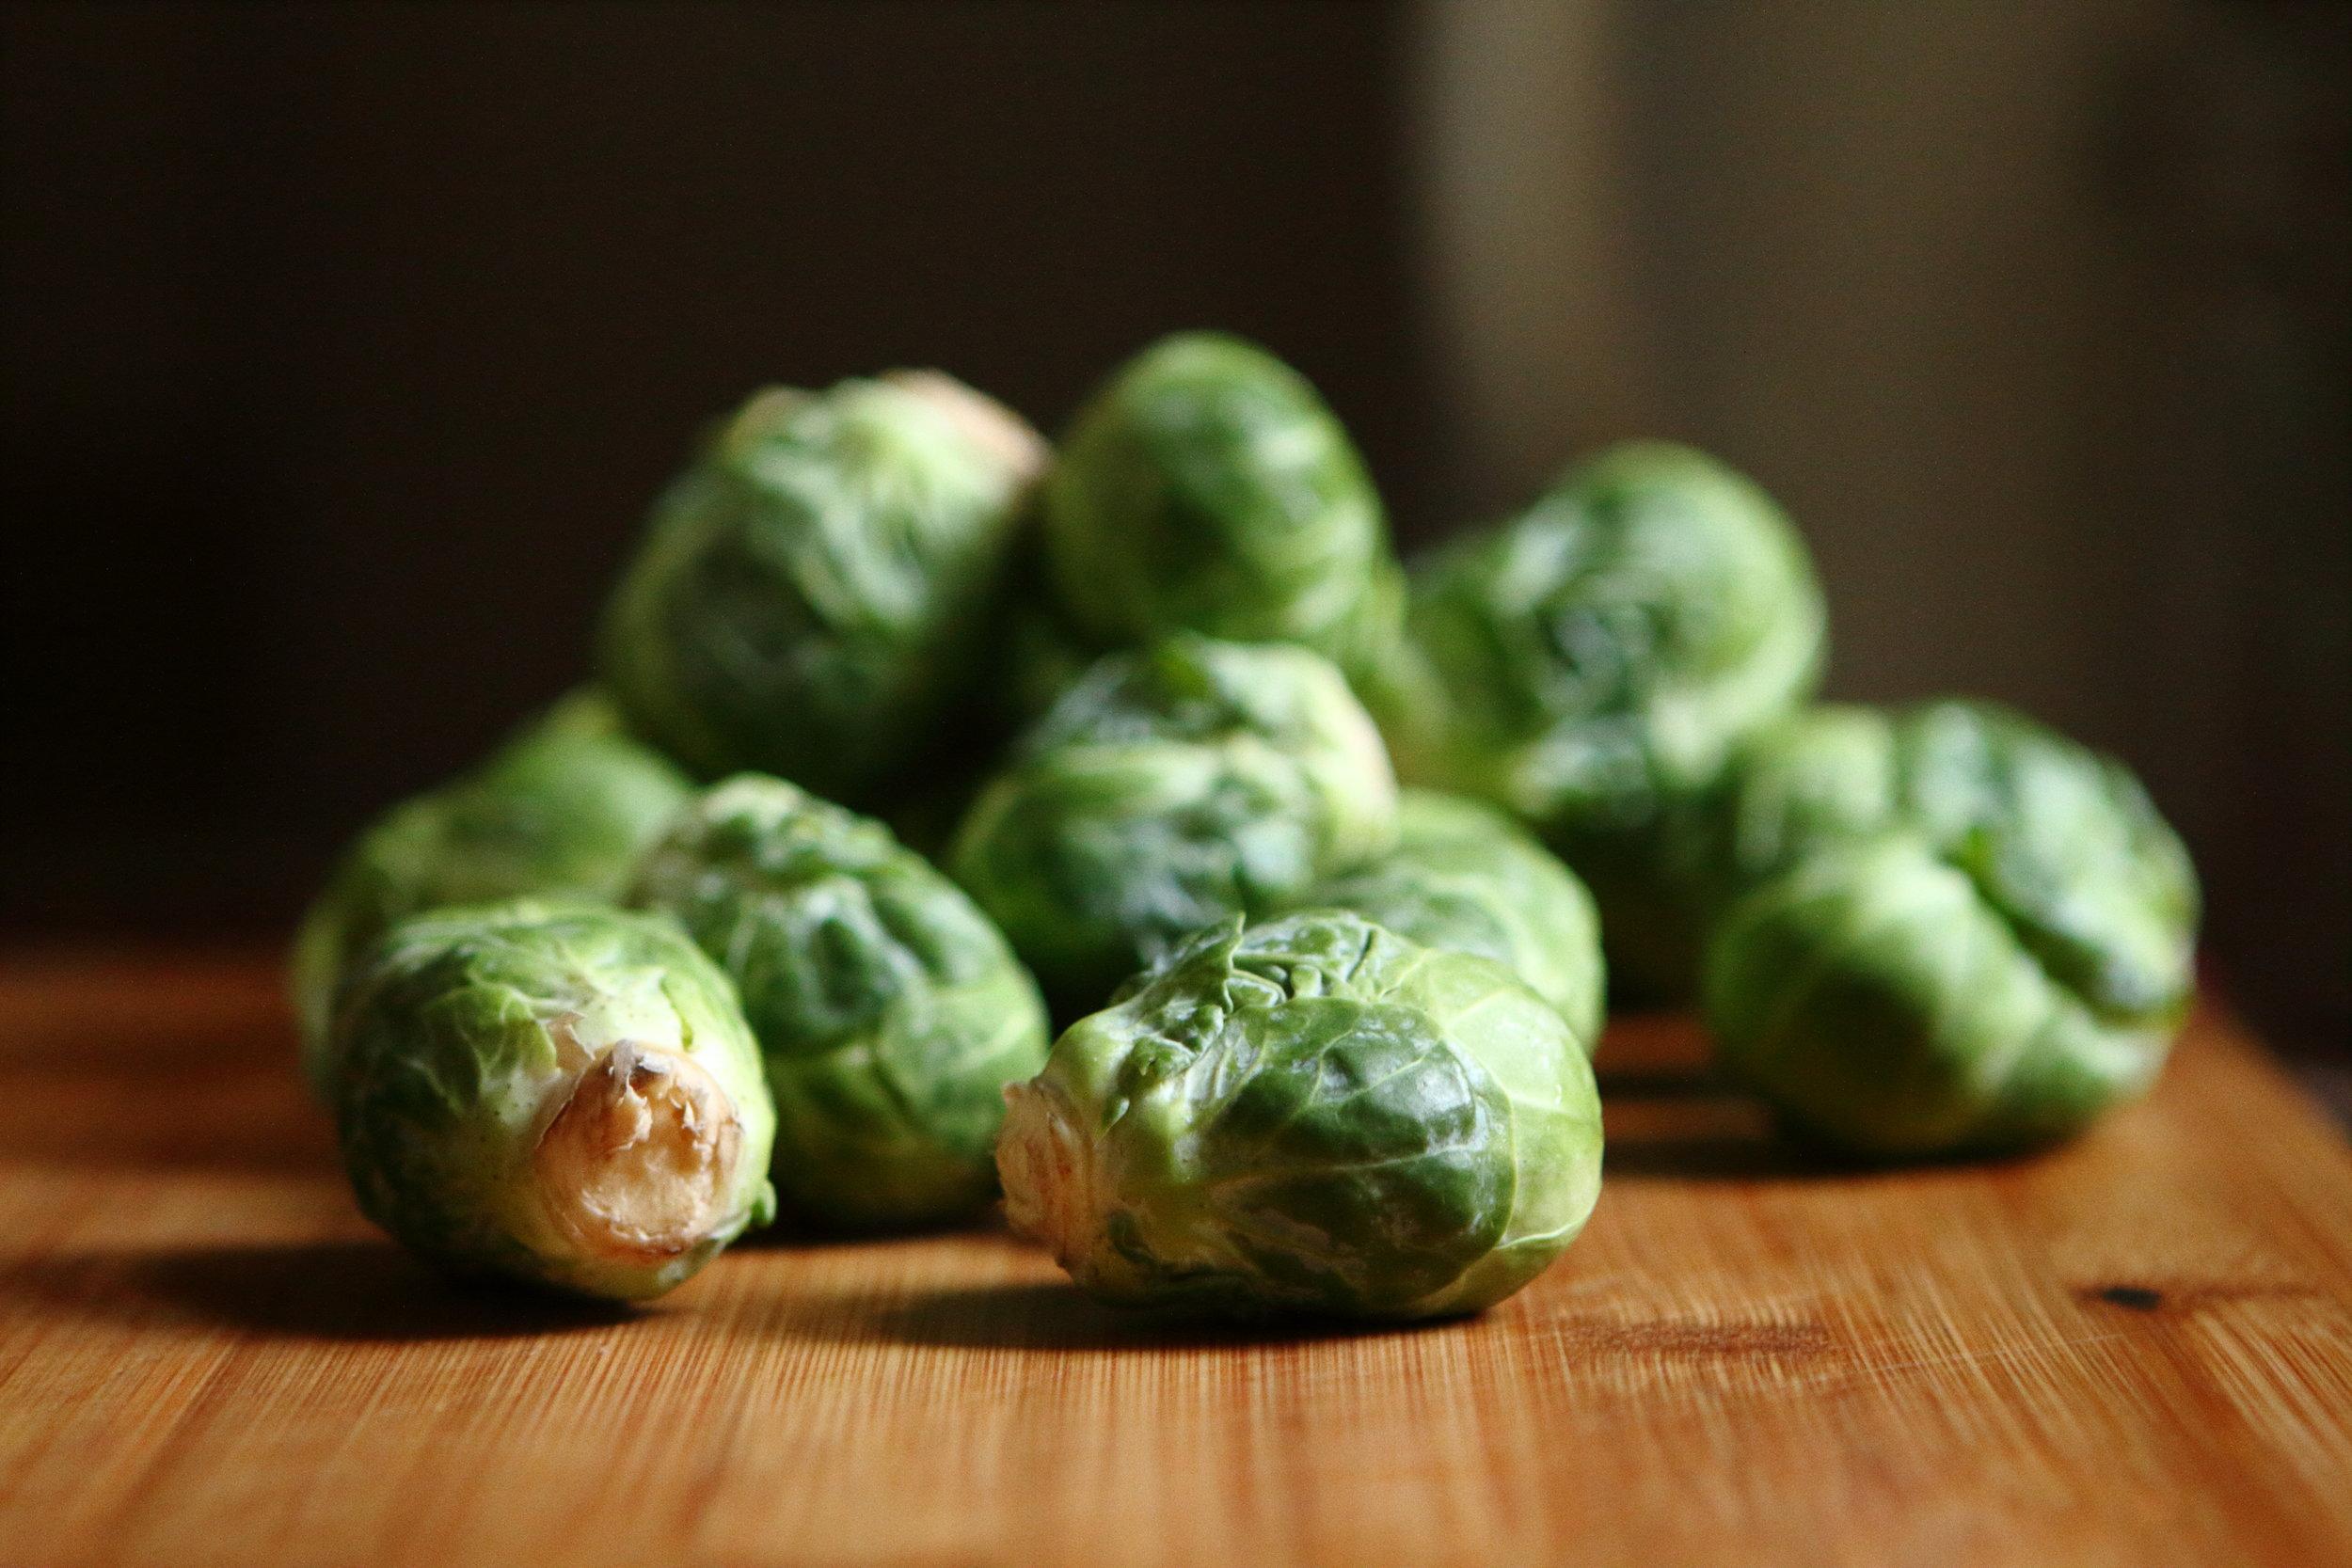 cabbage06-makingitrealinc